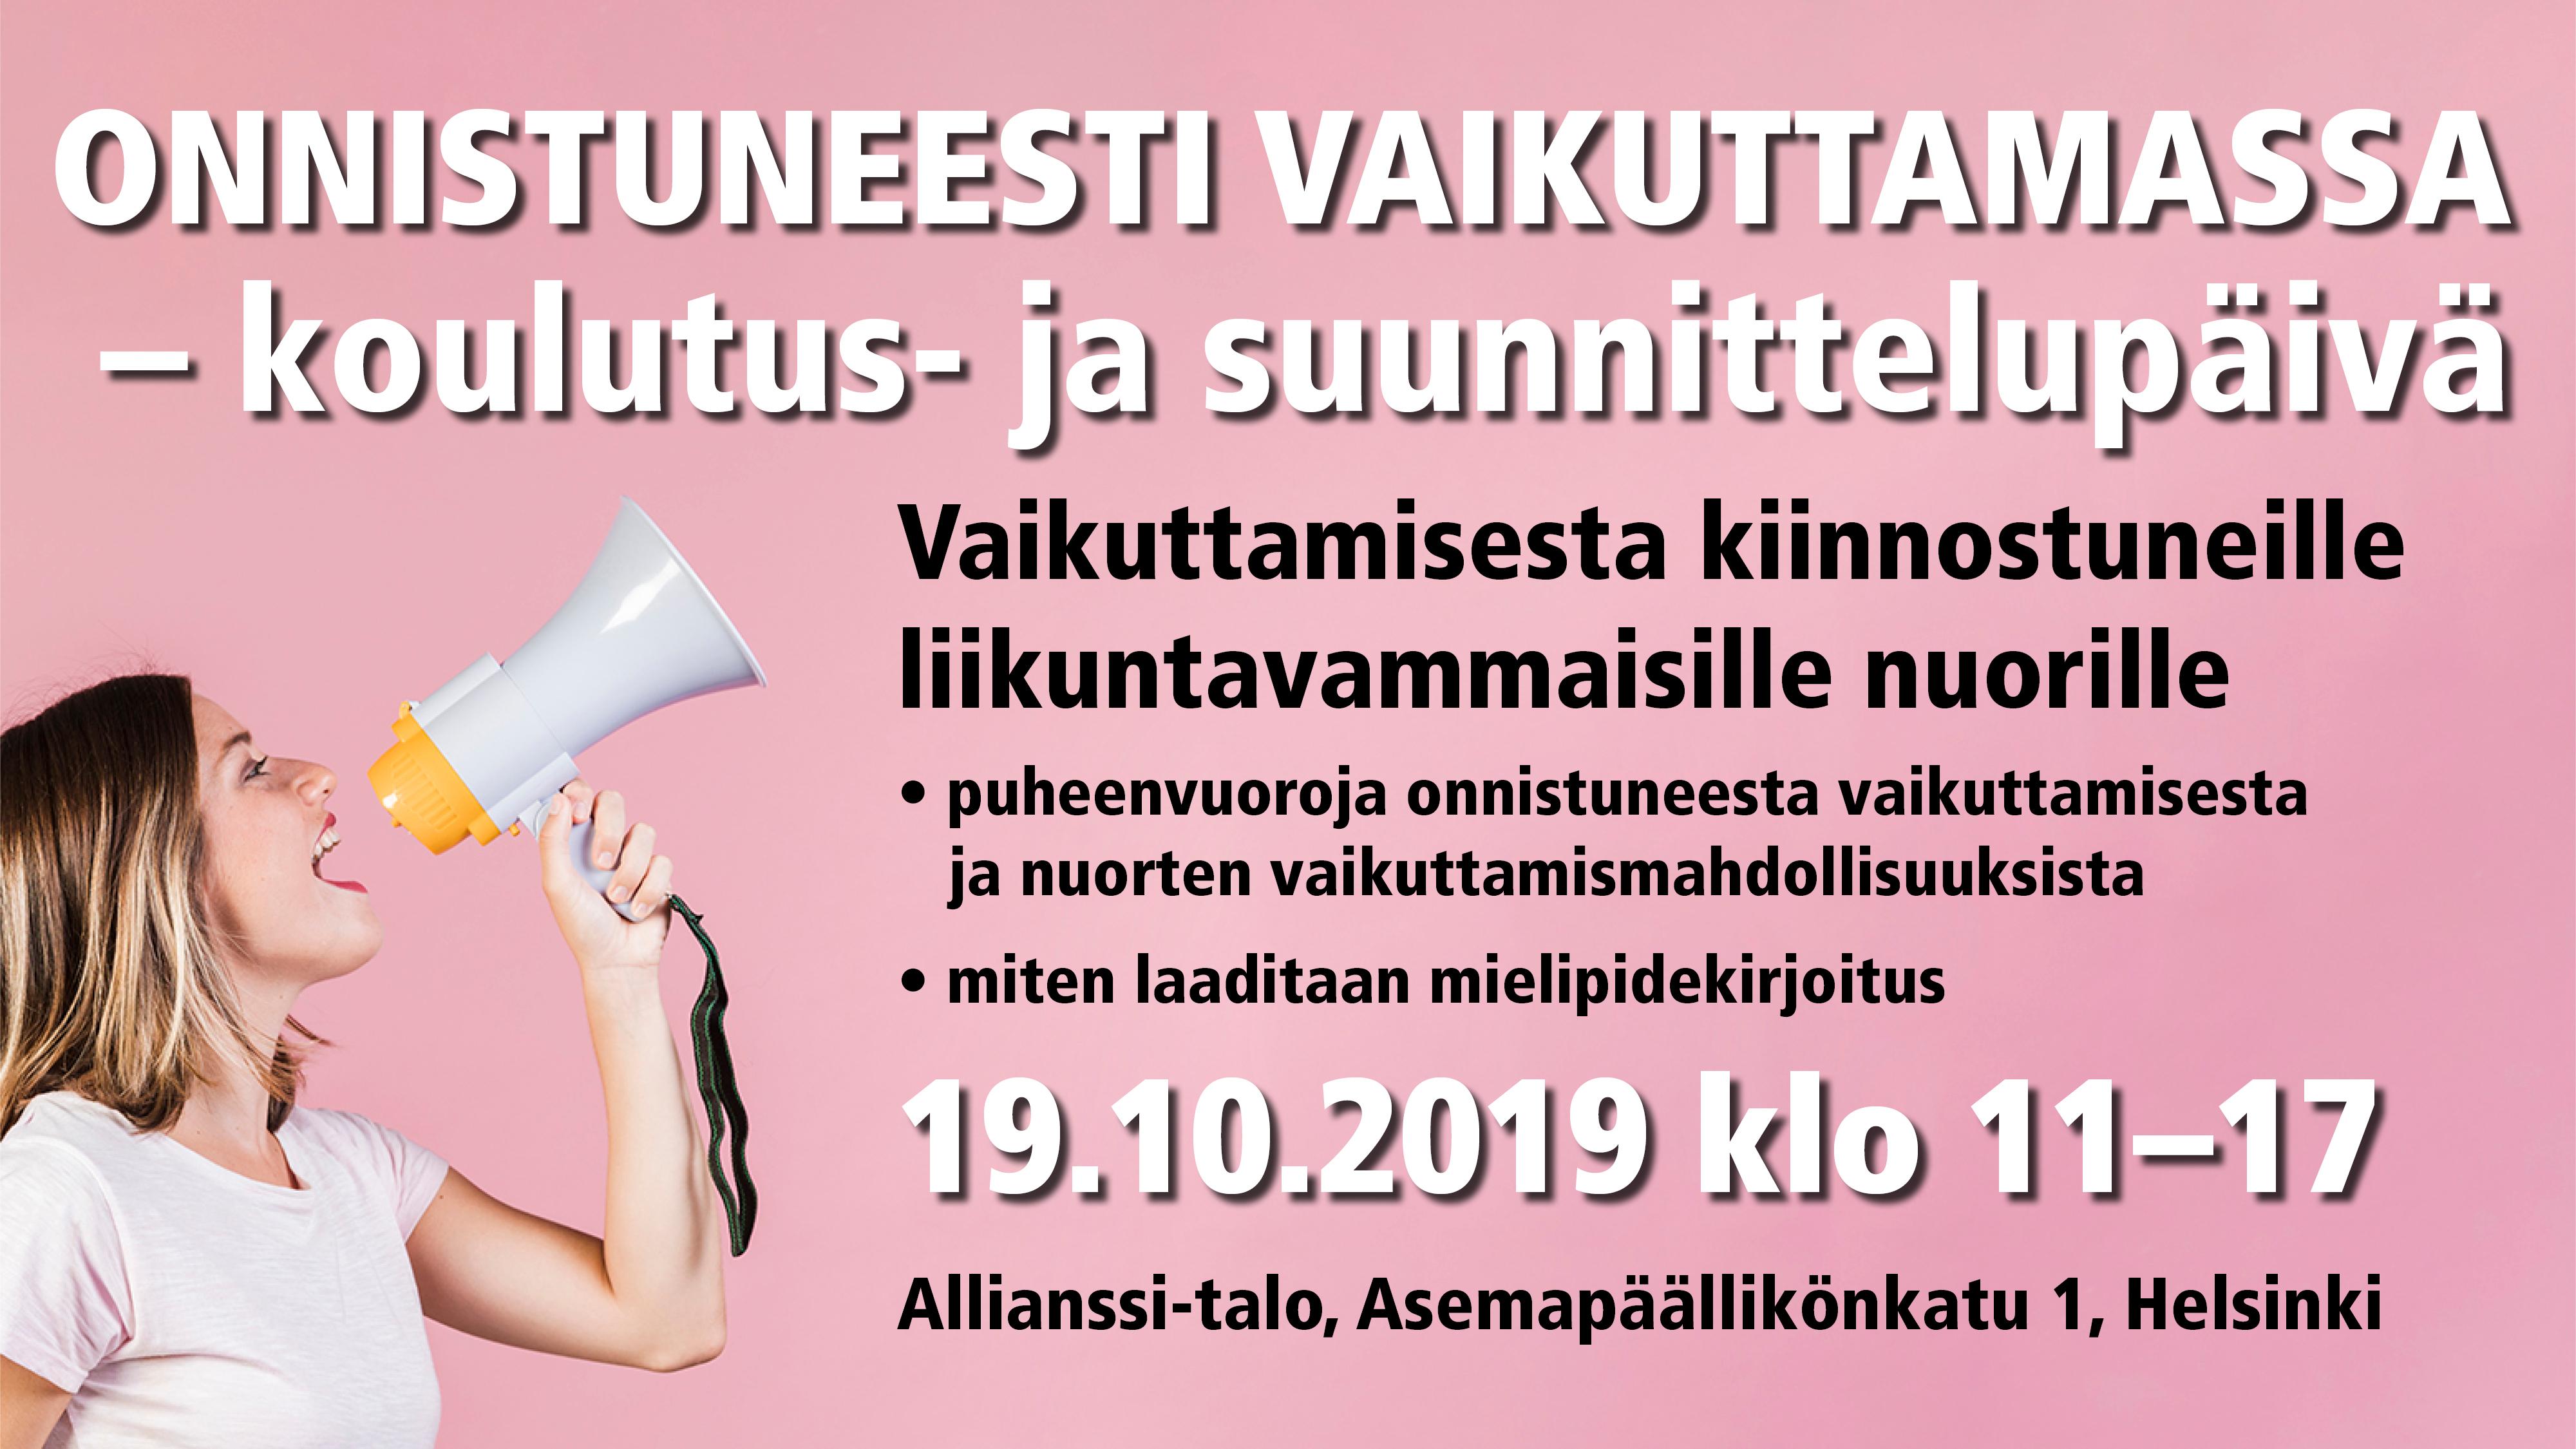 Koulutus- ja suunnittelupäivä 19.10.2019